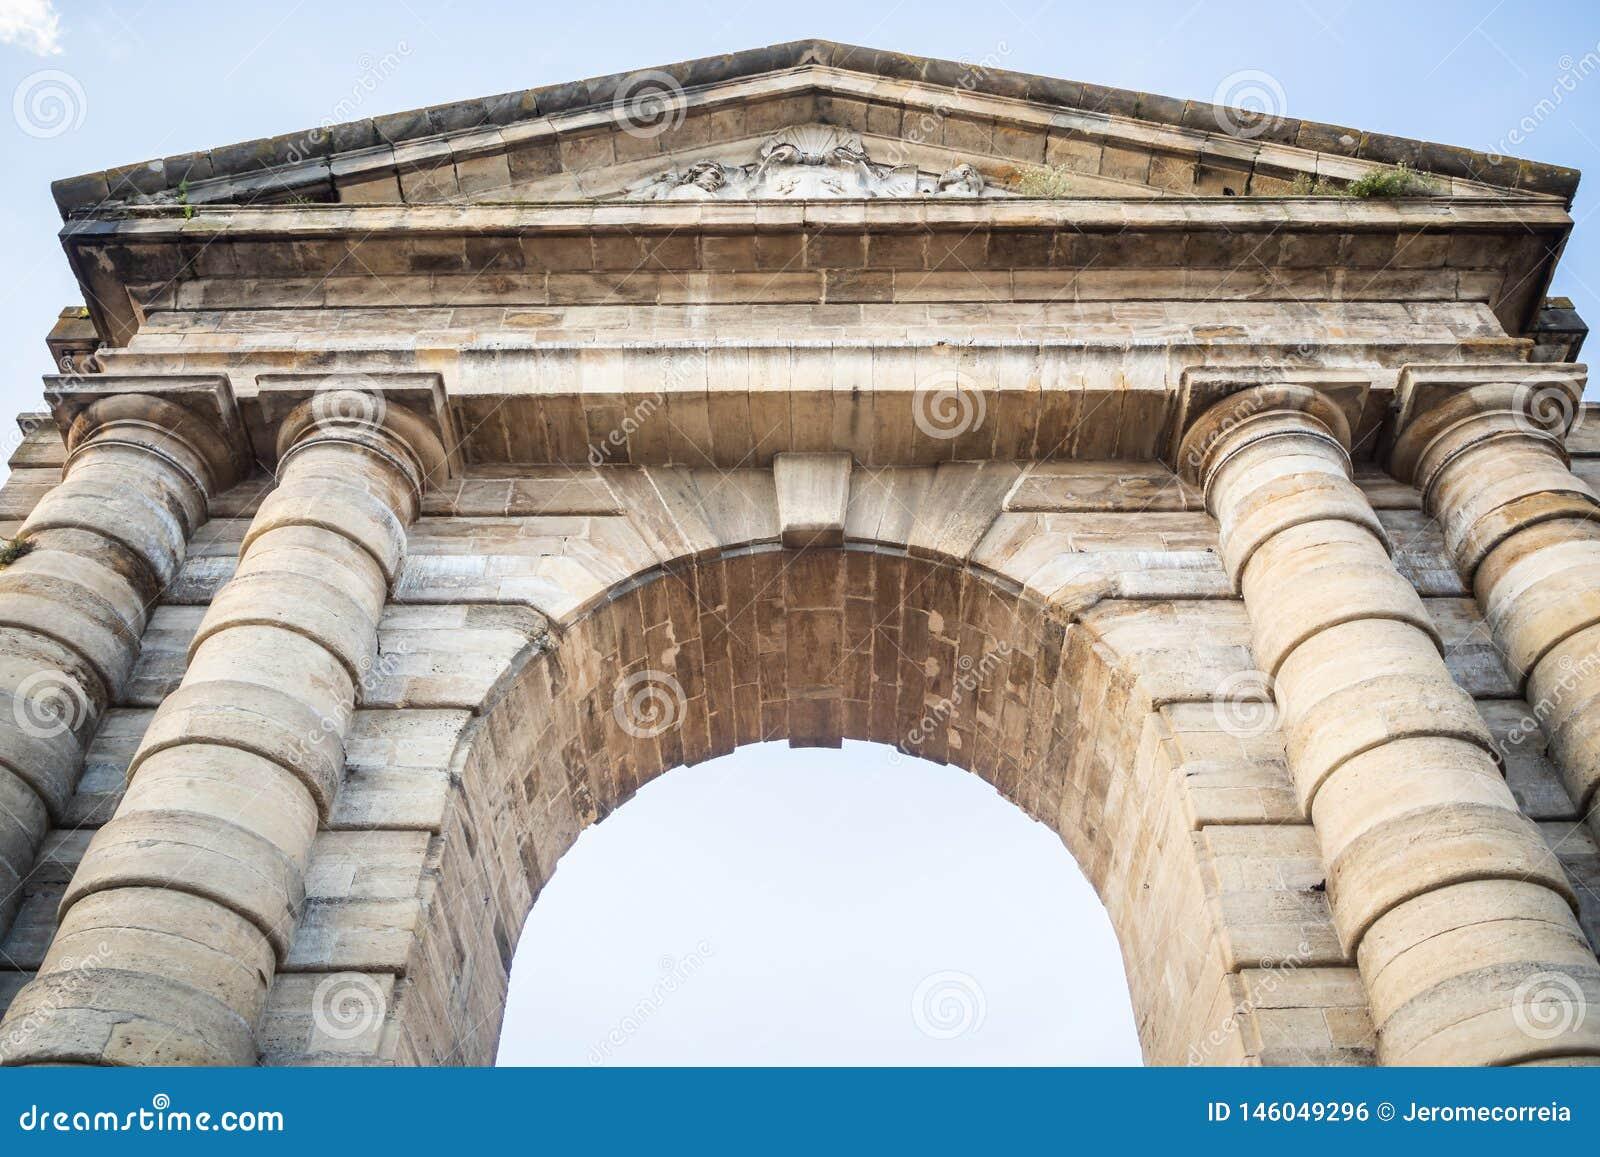 Il portone dell Aquitania ispirato dagli arché trionfali antichi